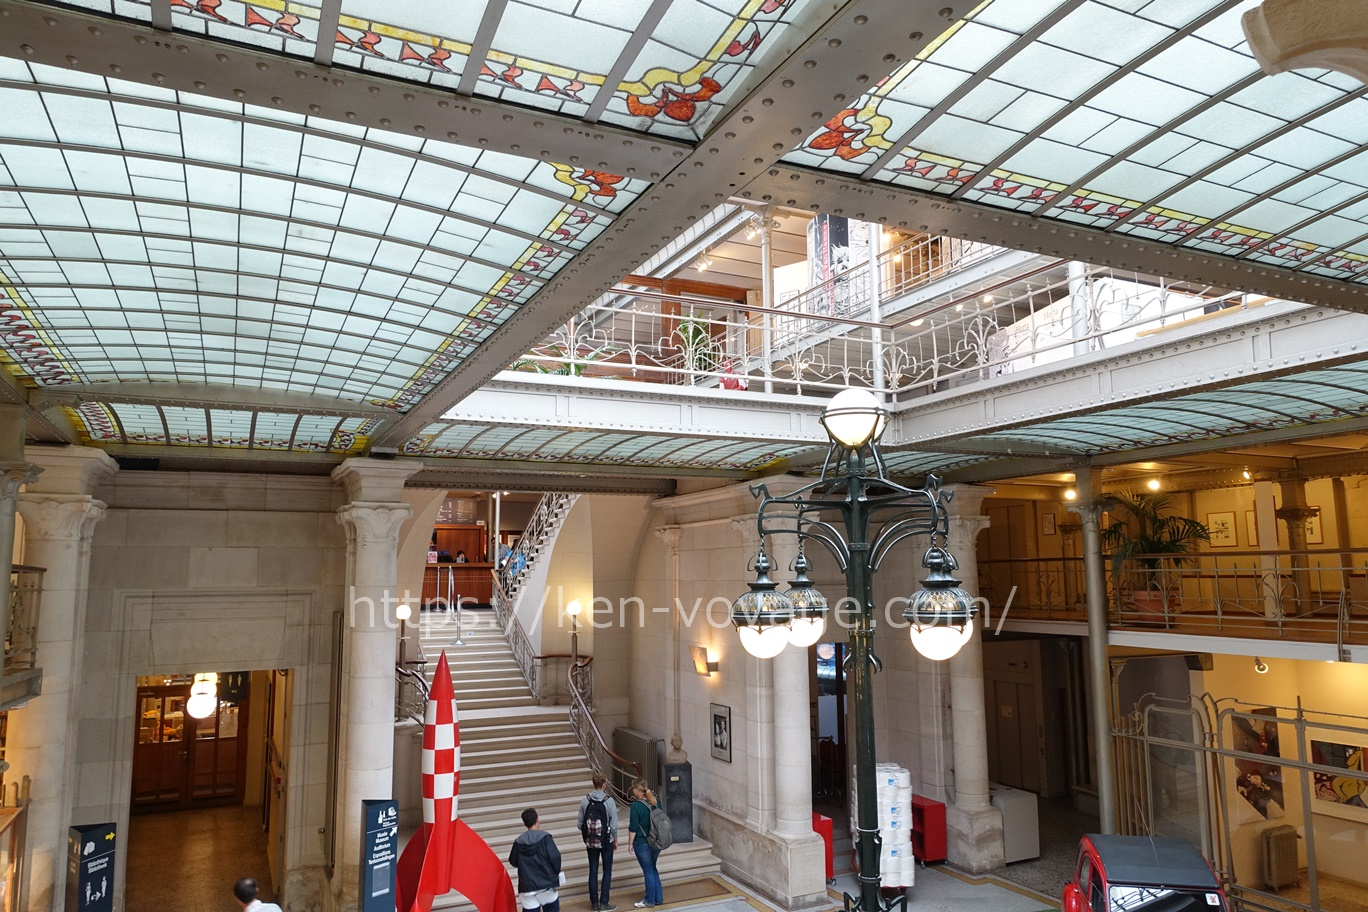 Musée belge de la Bande dessinée